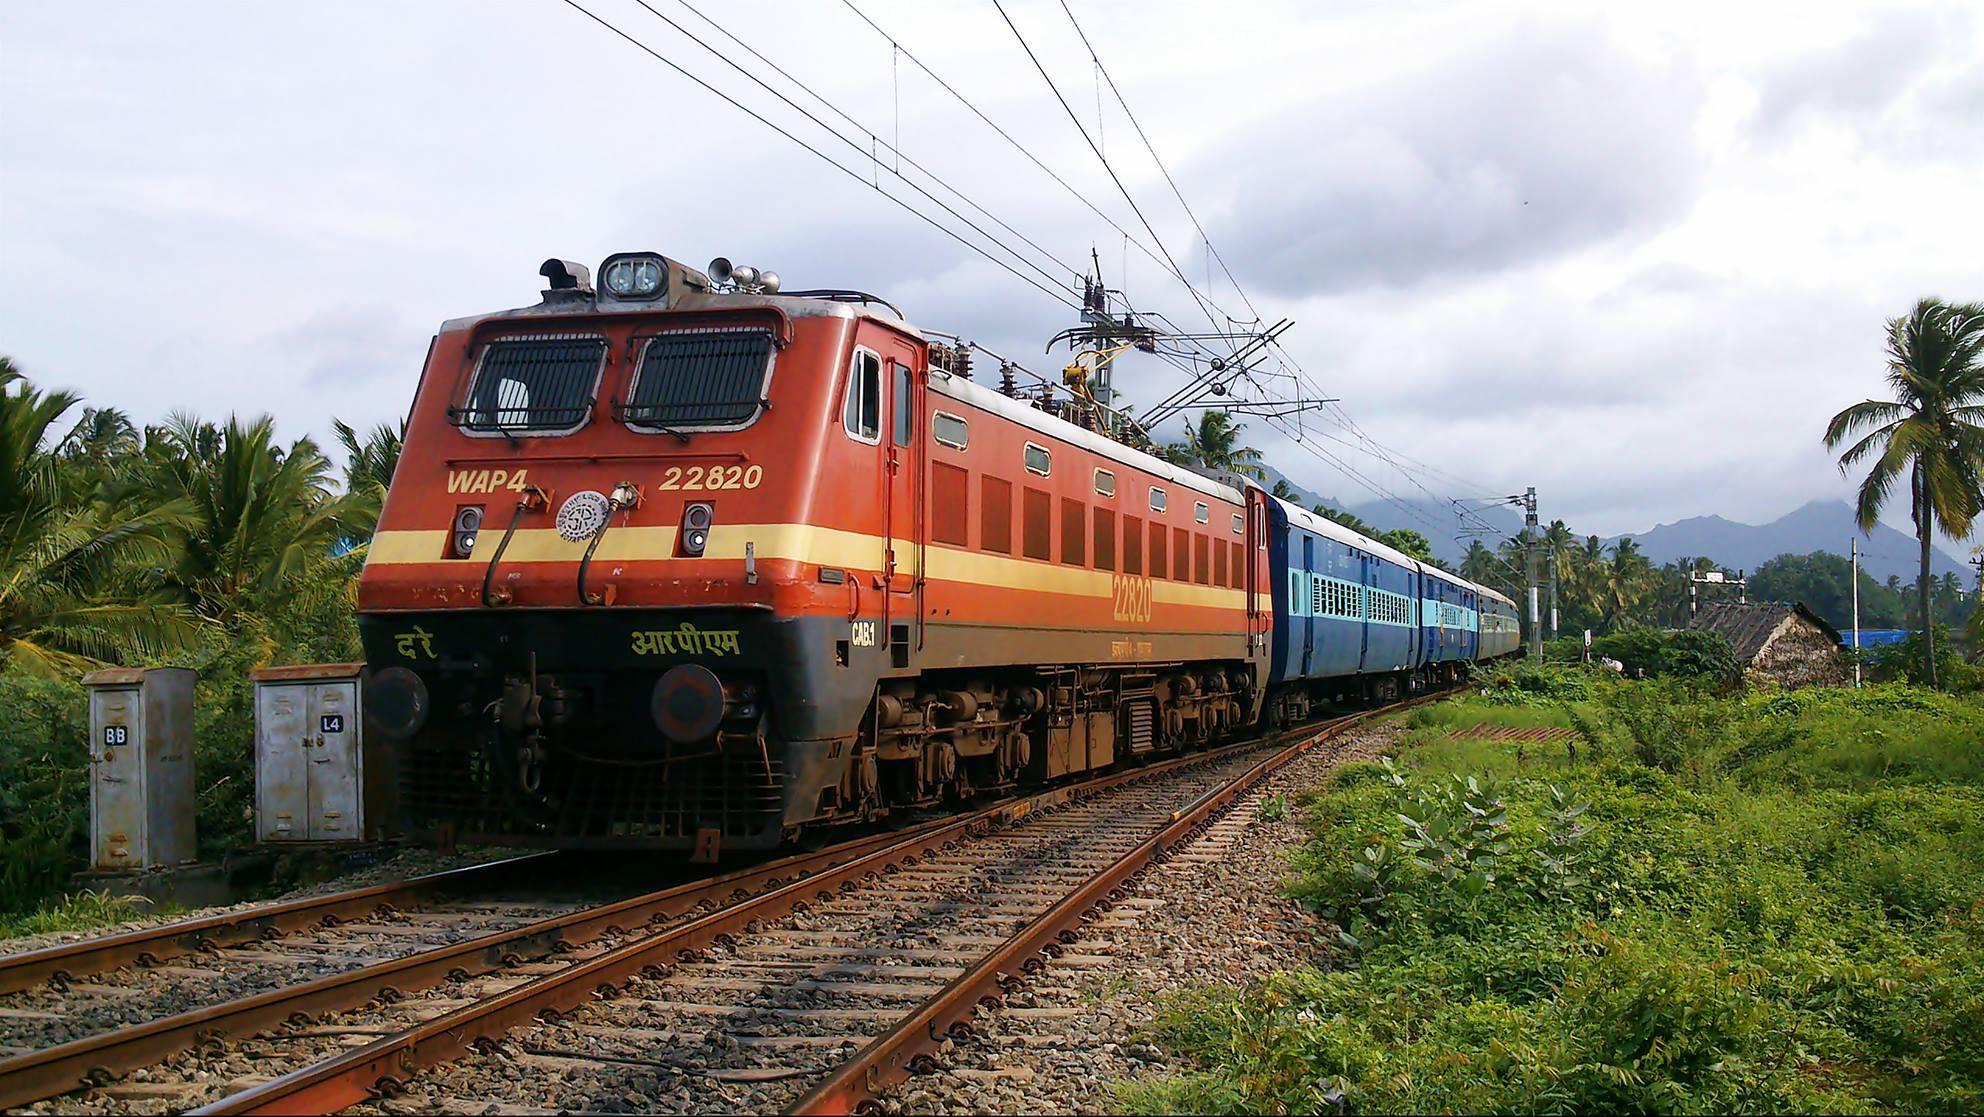 रेलवे को लाखों का फटका : विजीलैंस विभाग ने पार्सल विभाग में मारा छापा, रंगे हाथ पकड़े 3 कर्मचारी